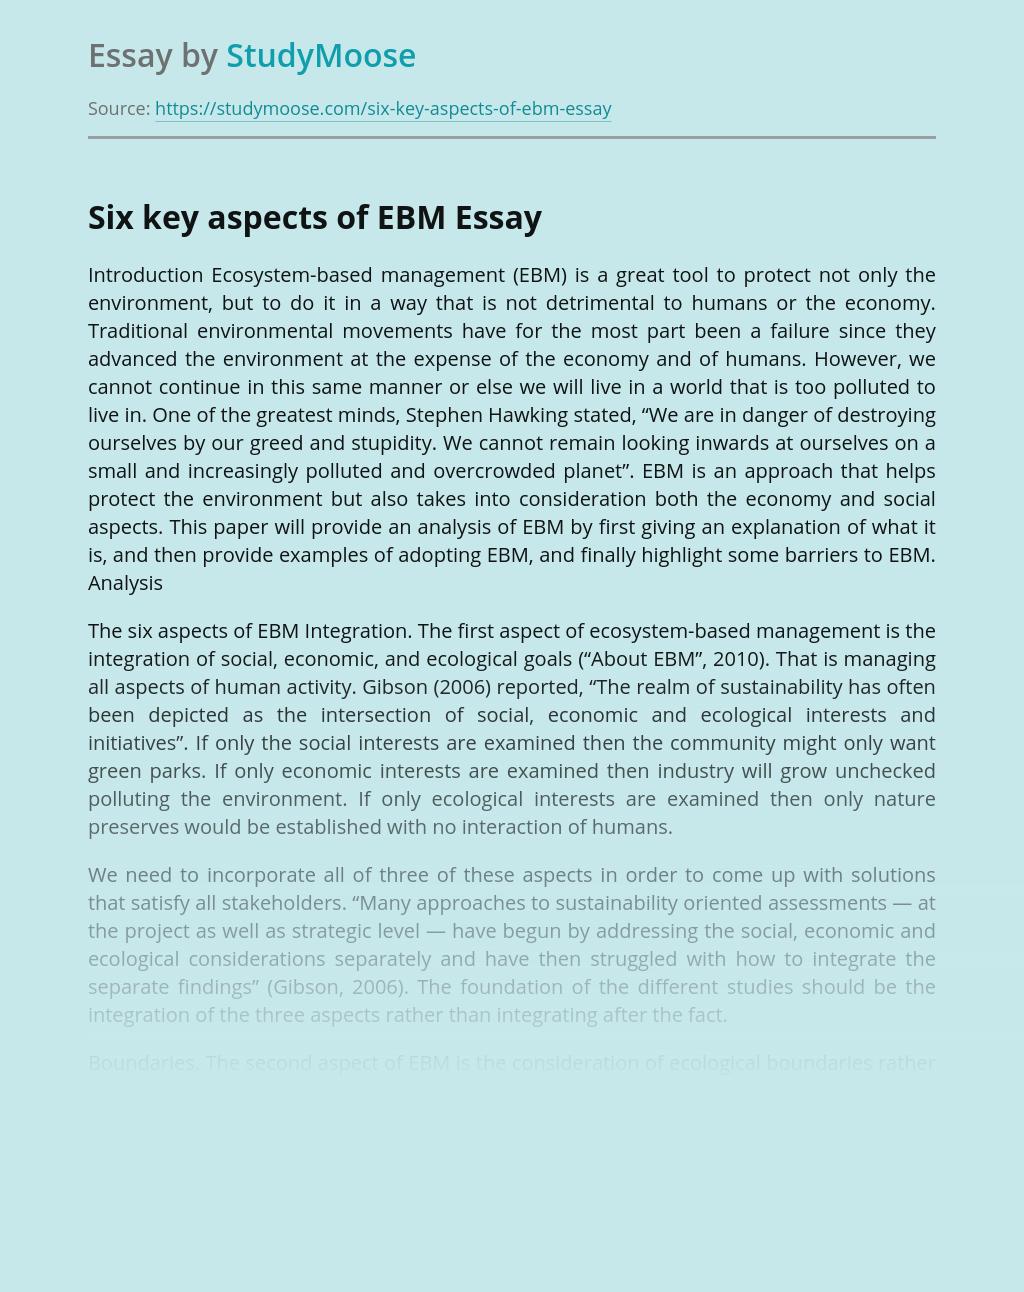 Ecosystem-Based Management